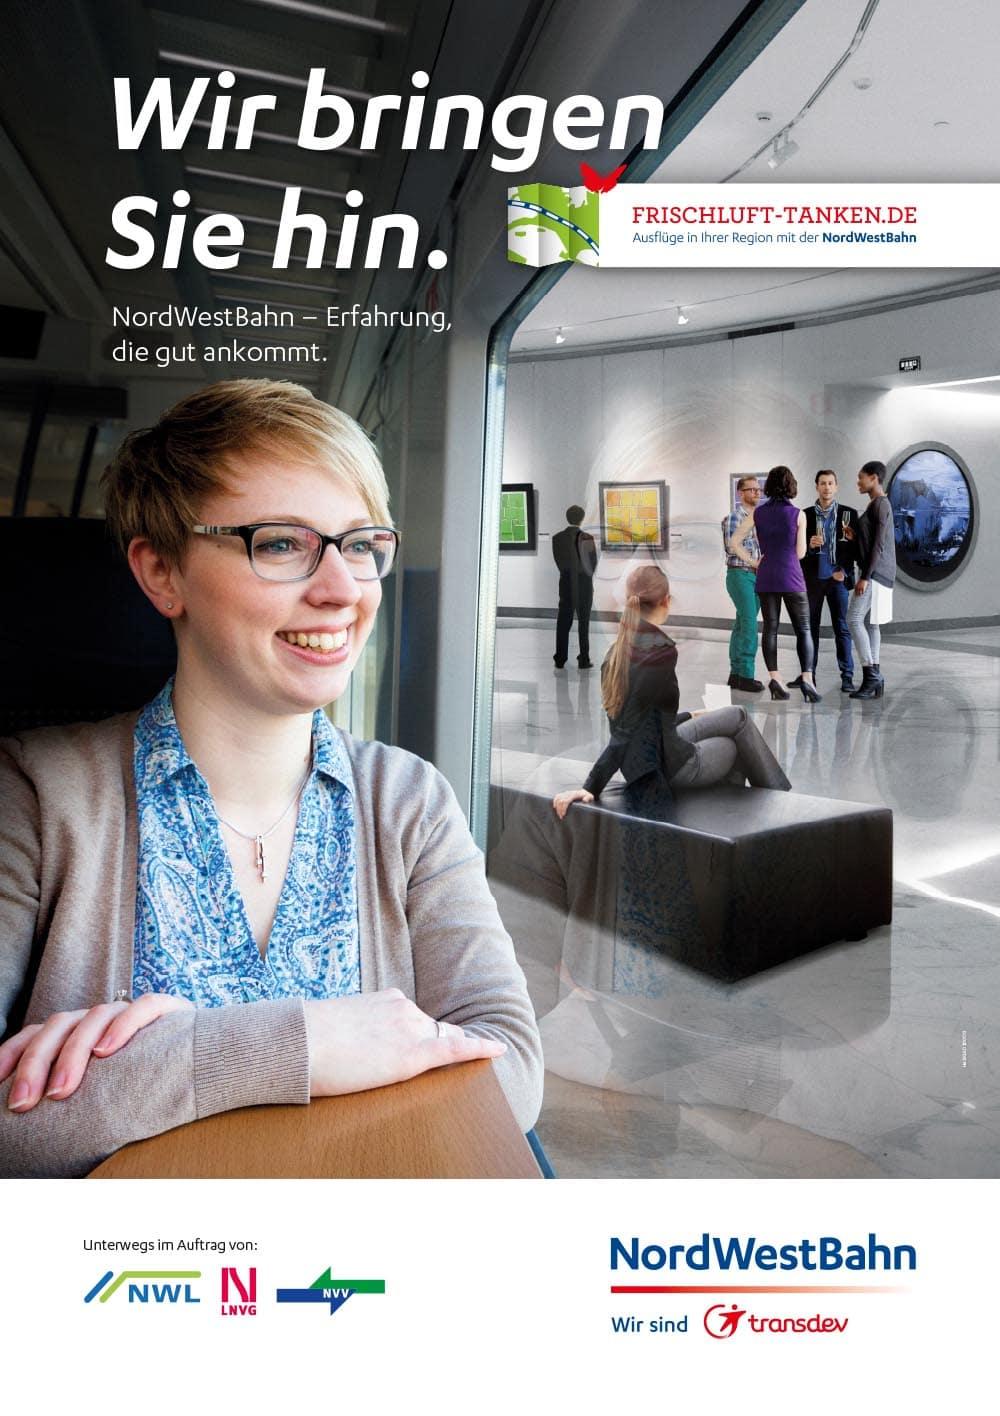 Bildbearbeitung von der Osnabrücker Grafikdesign-Agentur Hasegold